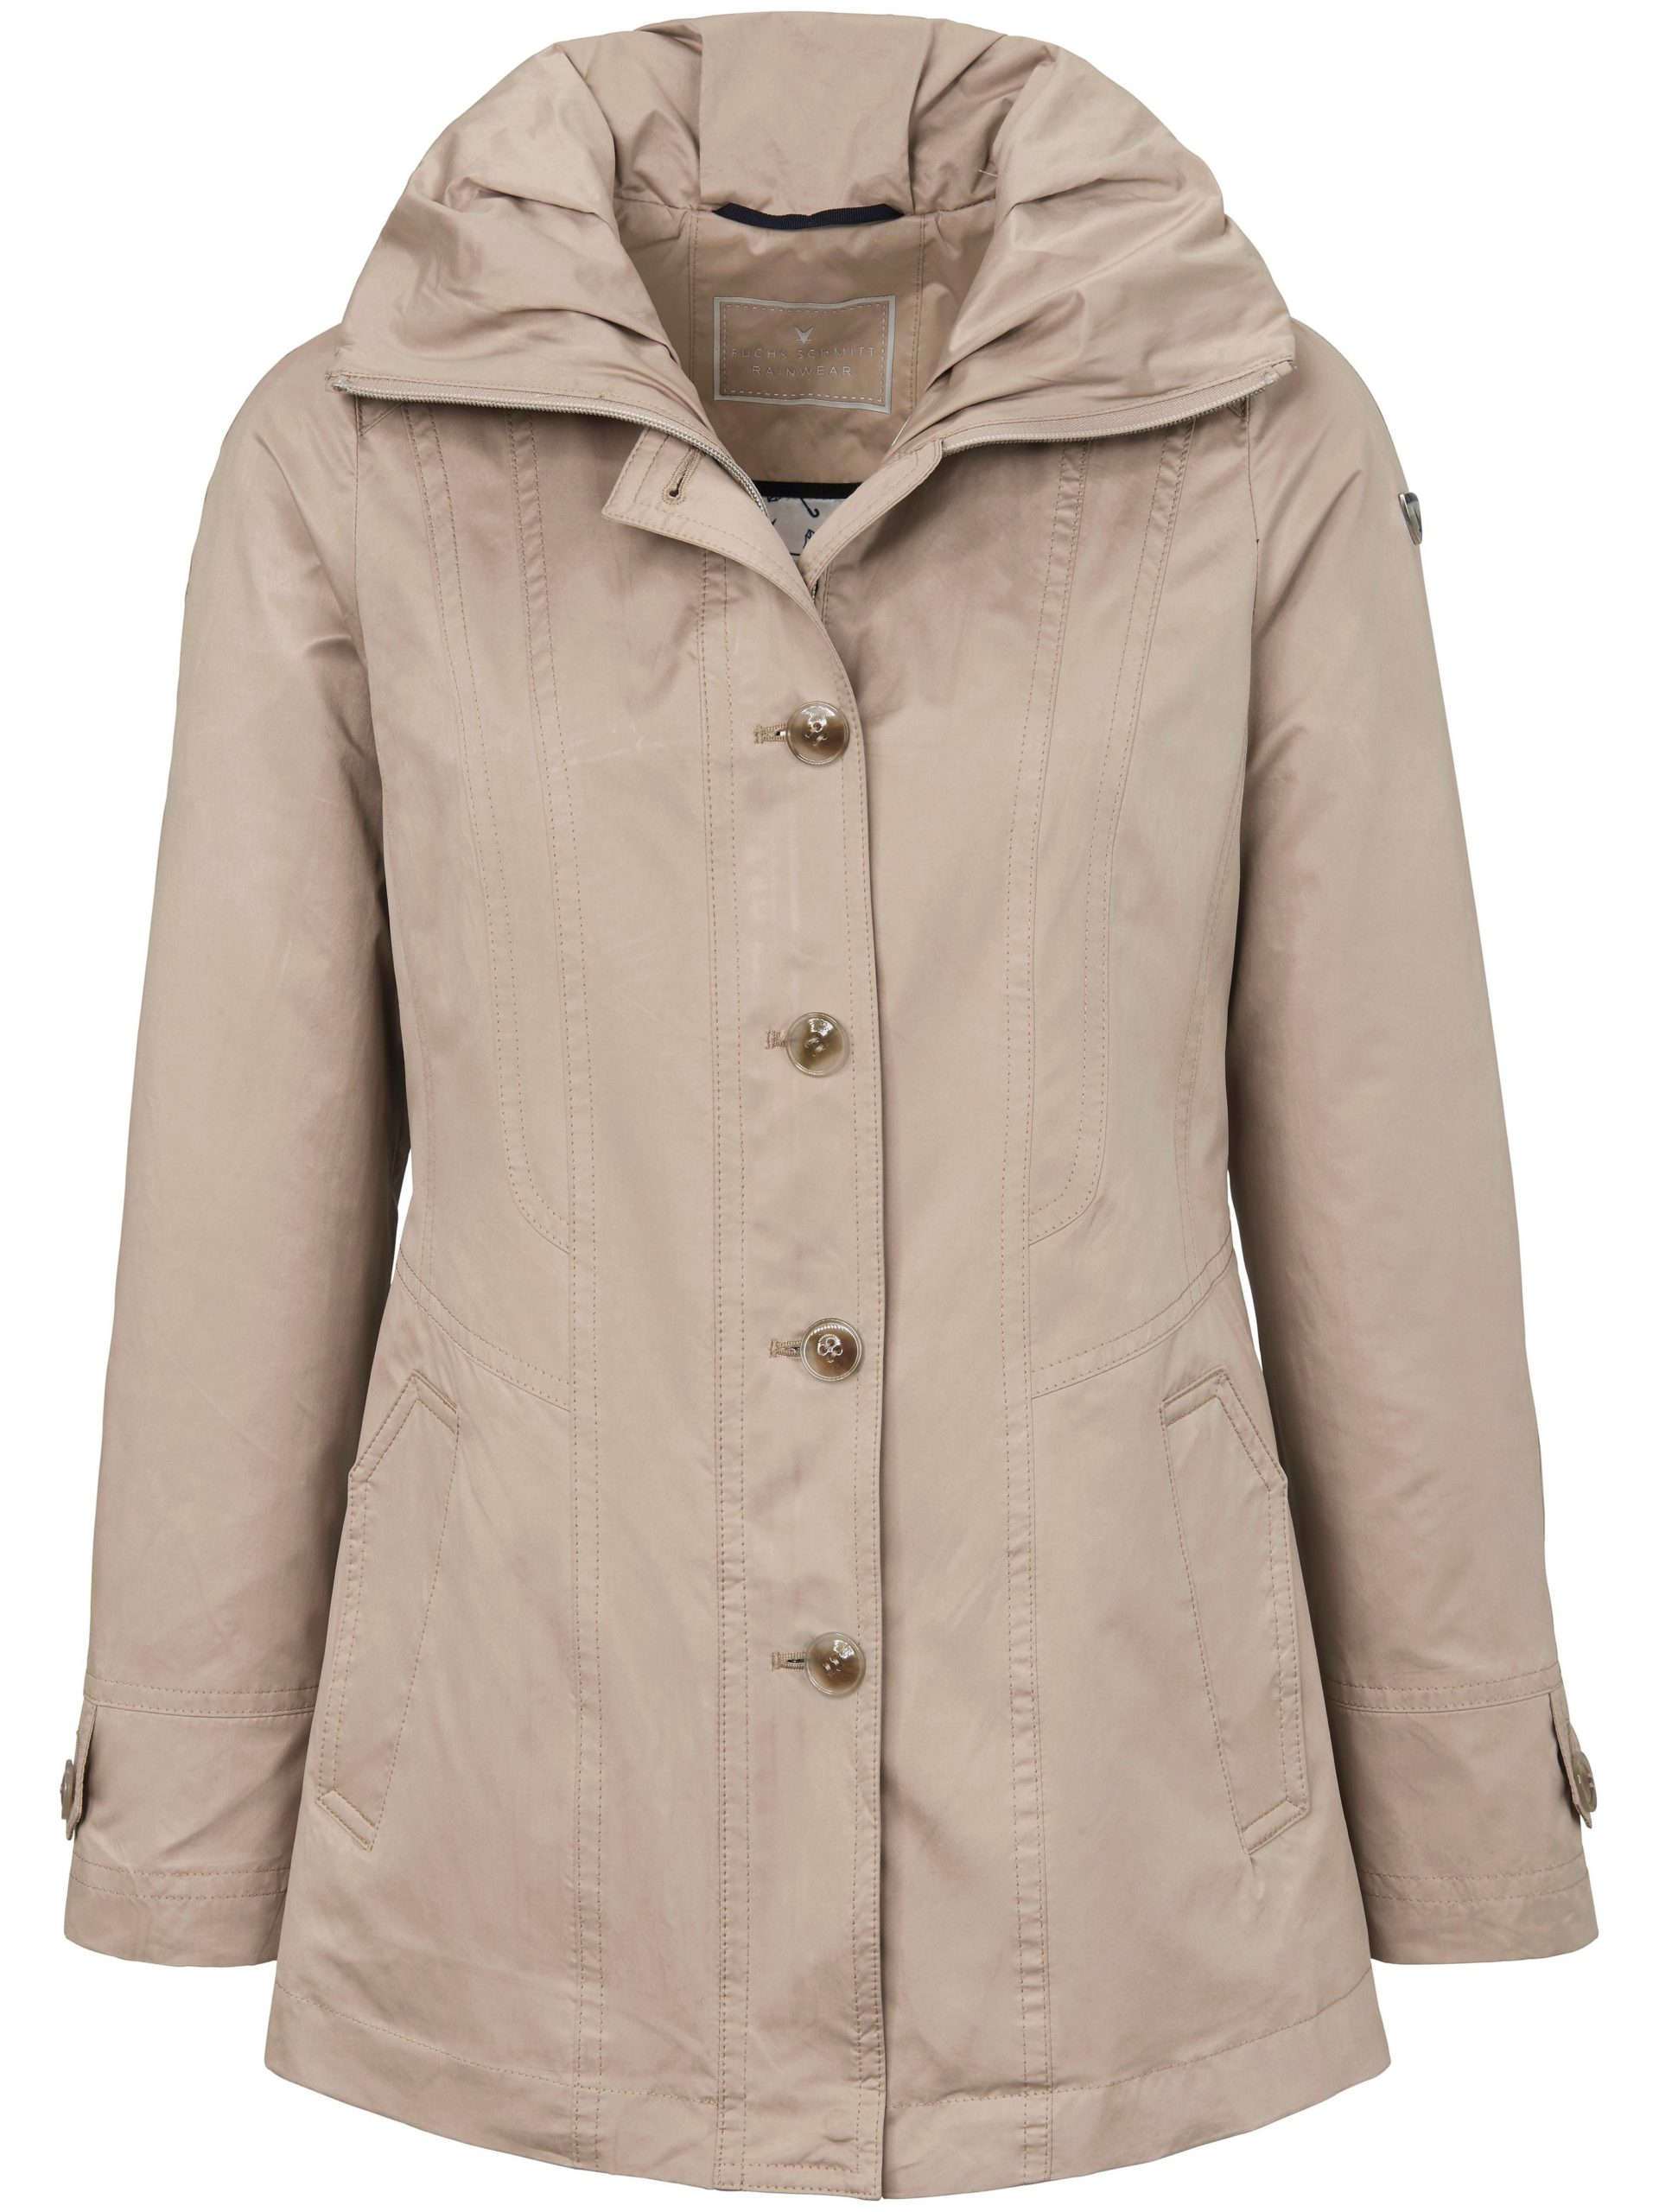 Rainwear-jas met staande kraag Van Fuchs & Schmitt beige Kopen